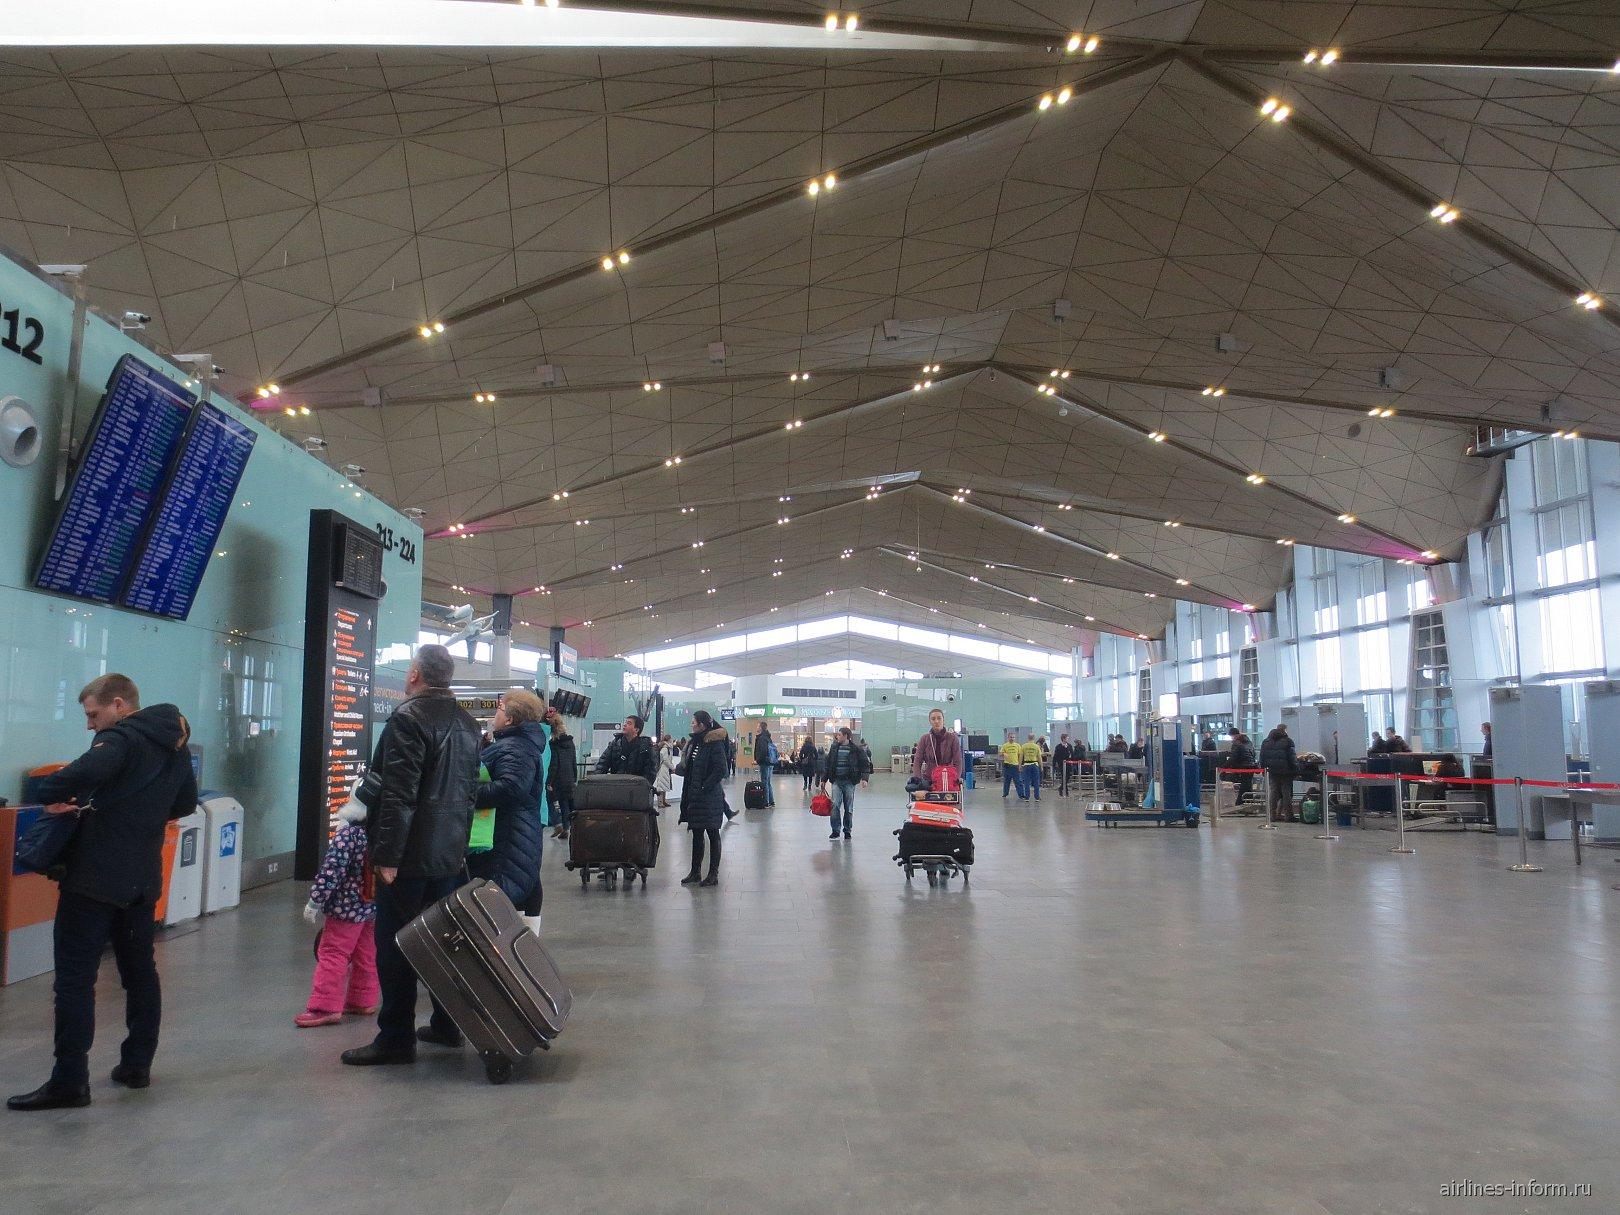 В новом пассажирском терминале аэропорта Пулково